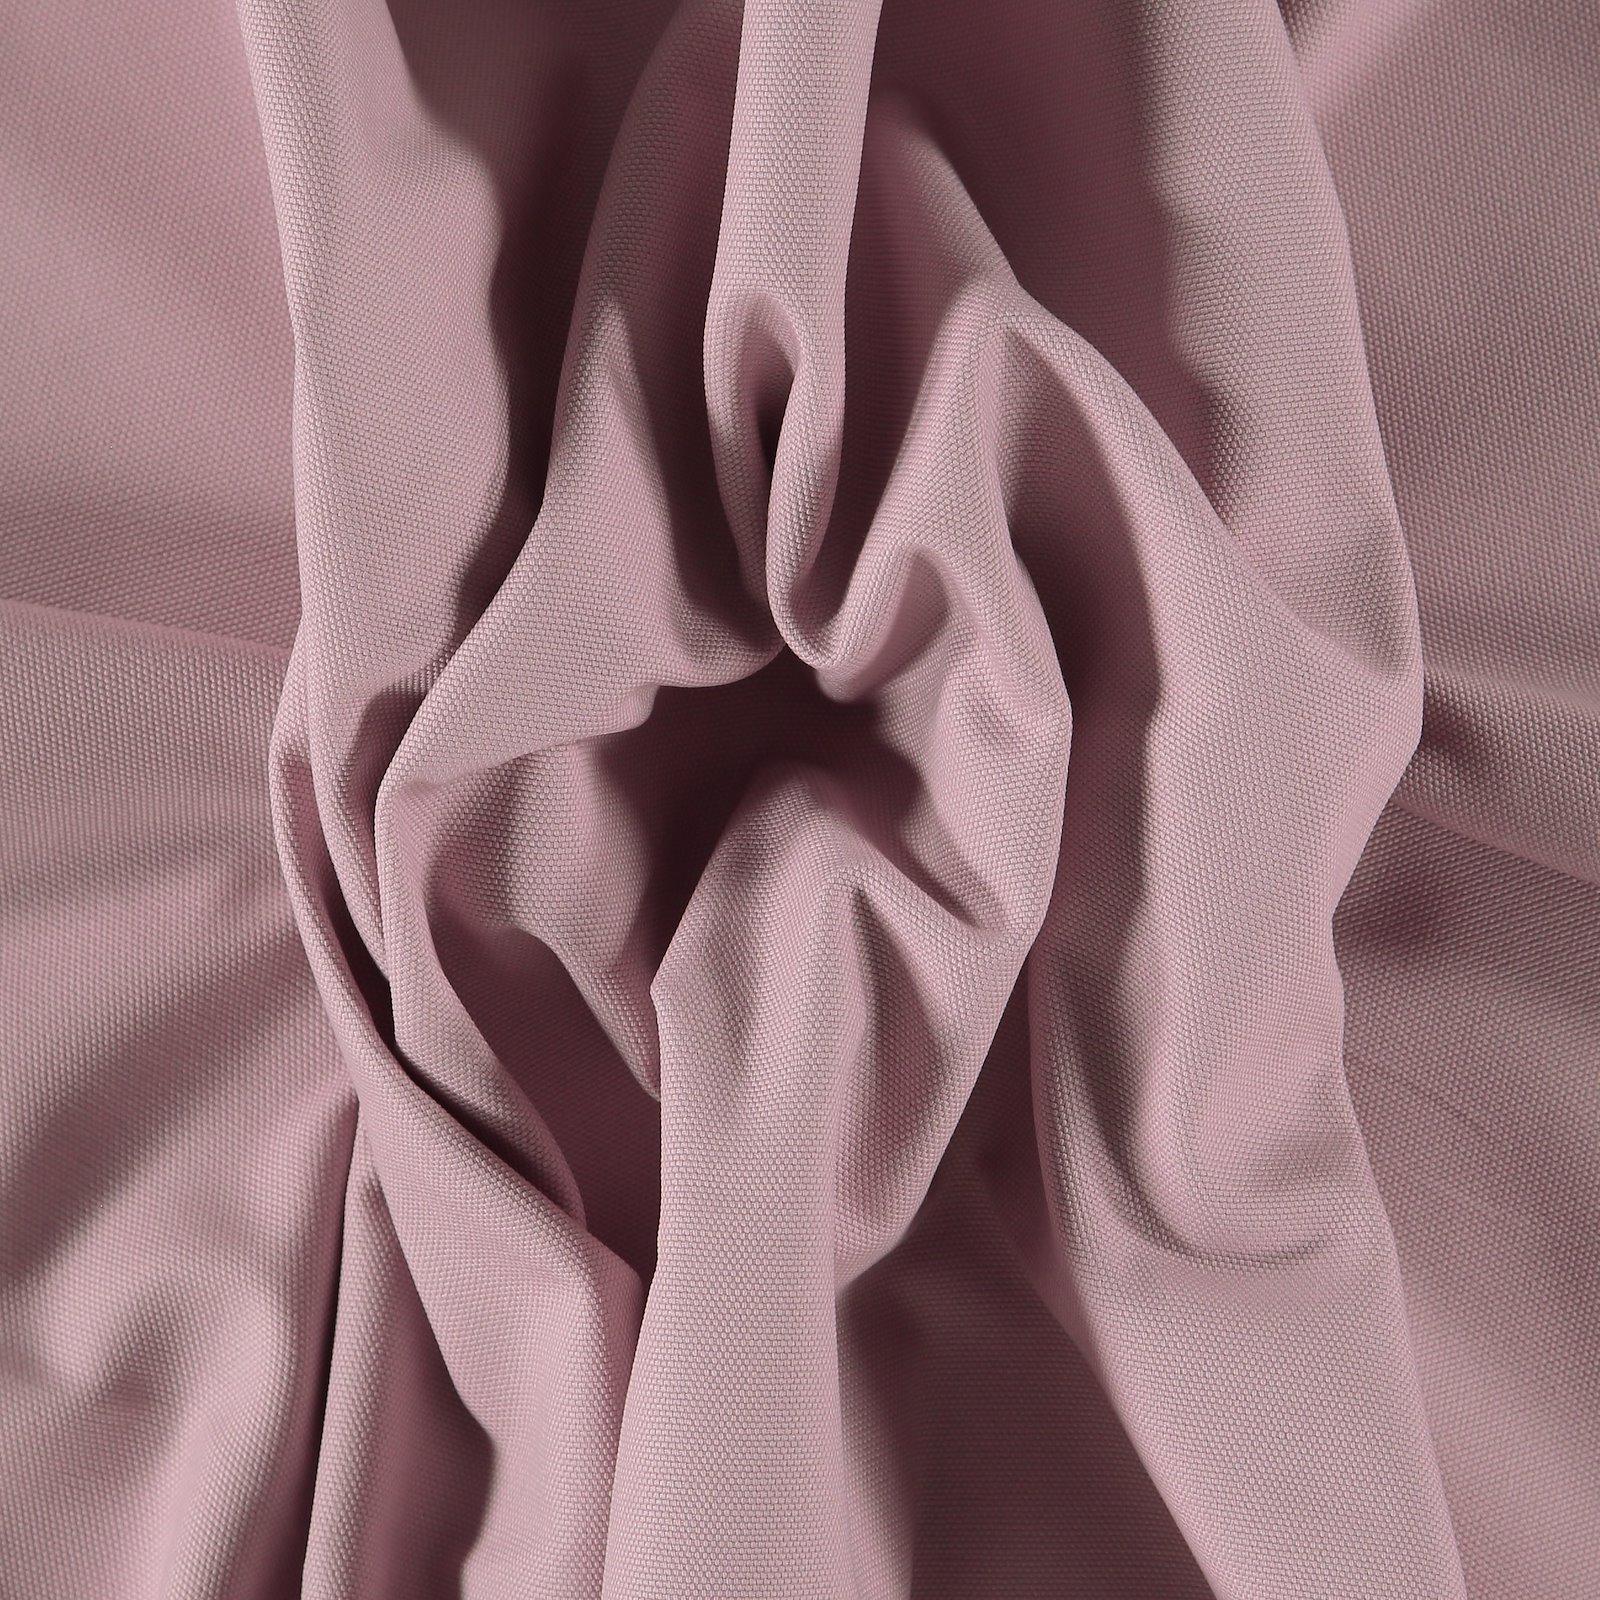 Cotton canvas light dusty violet